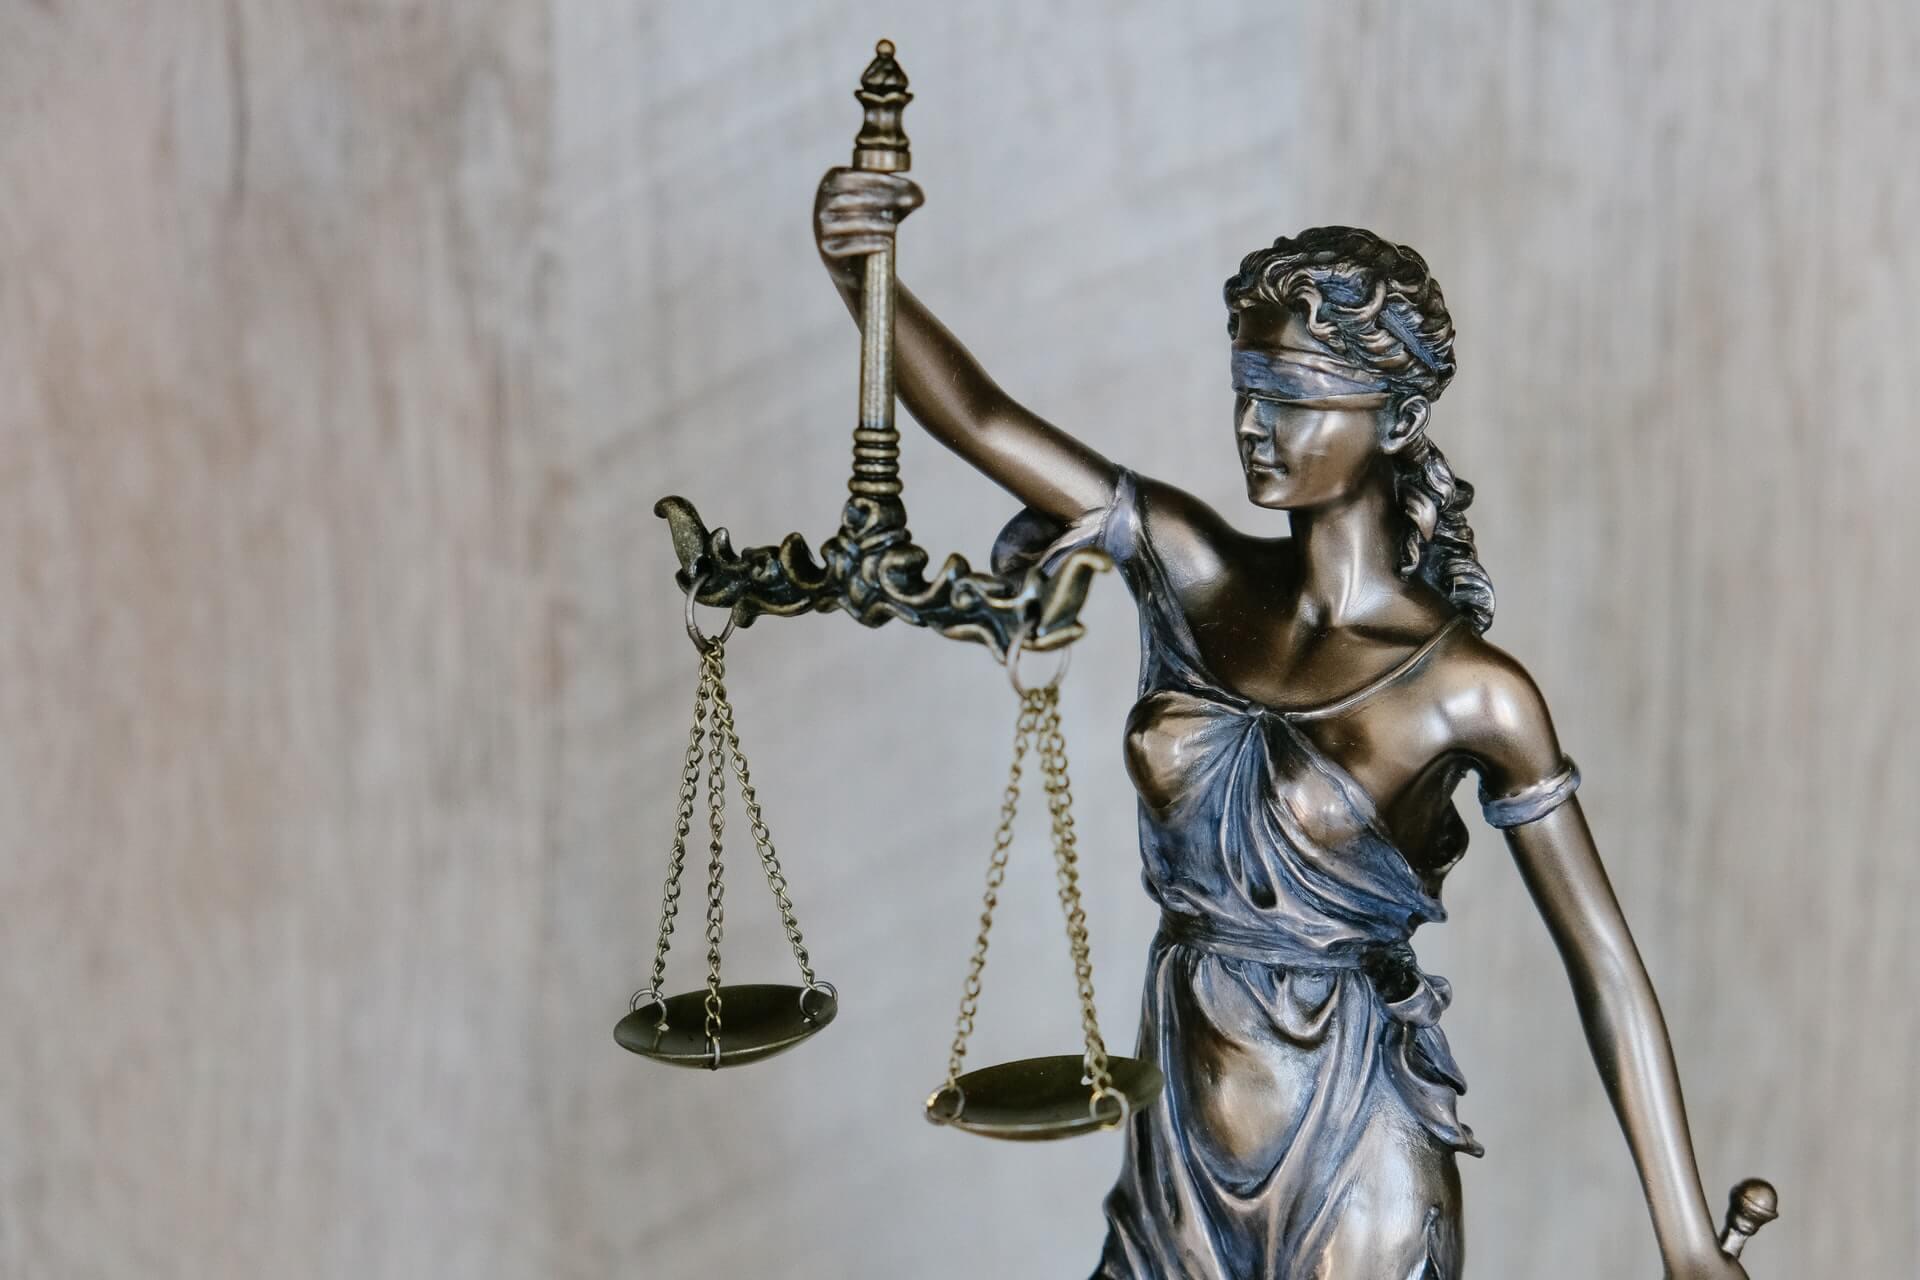 Predavač s veleučilišta otpušten zbog plagiranja: 'Pravdu' je tražio na Ustavnom sudu